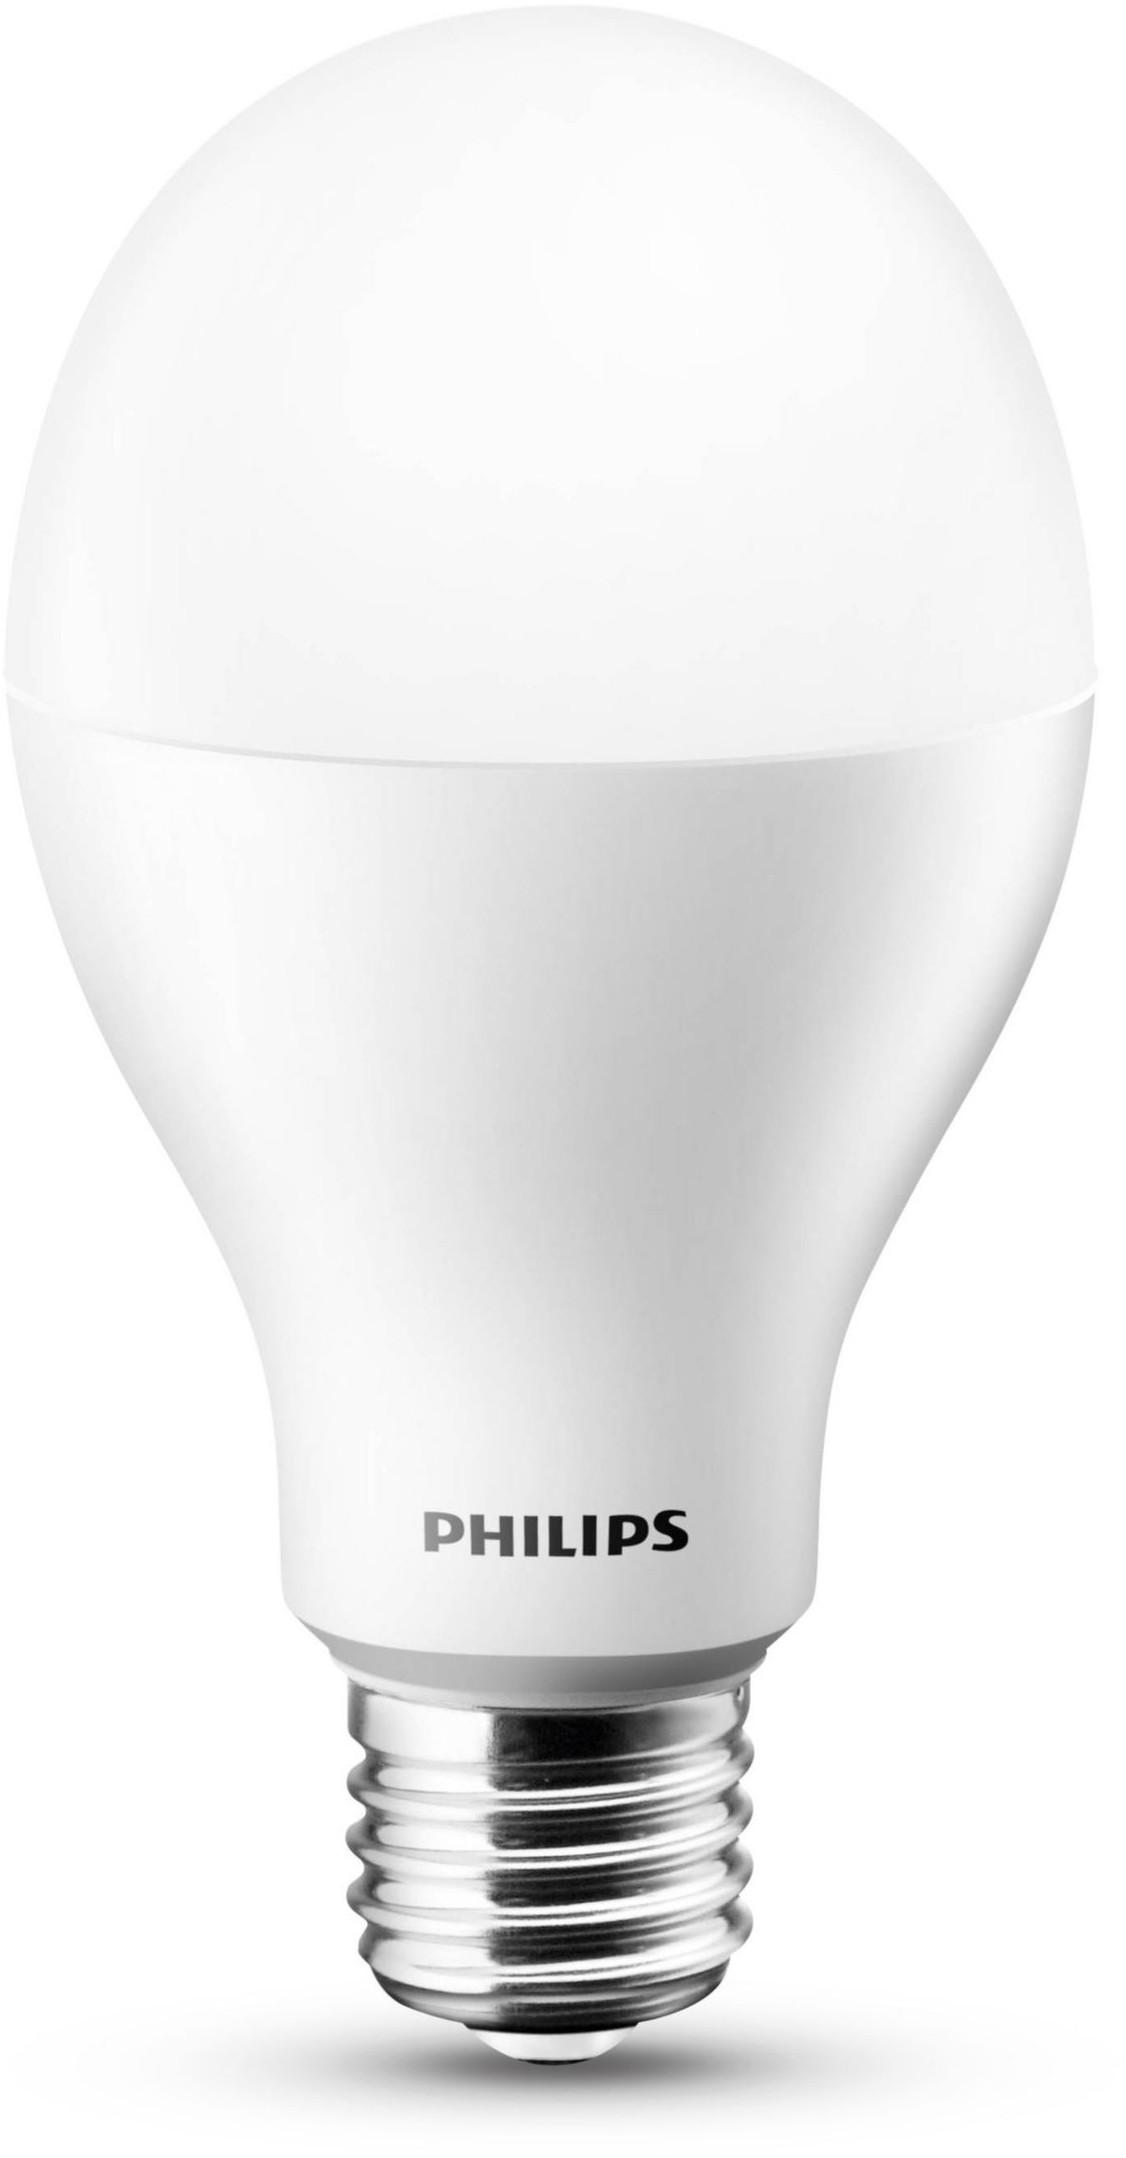 Philips Żarówka LED LED 100W E27 biała ciepła 8718696414620